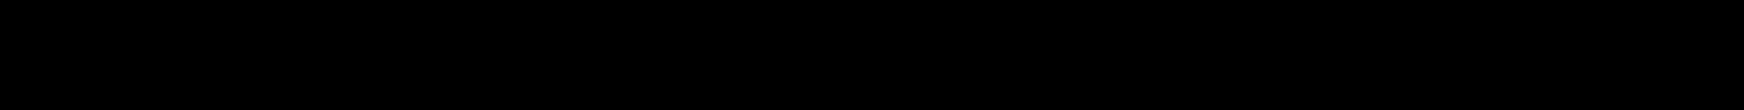 TartineScriptOffcPro-Bold.ttf